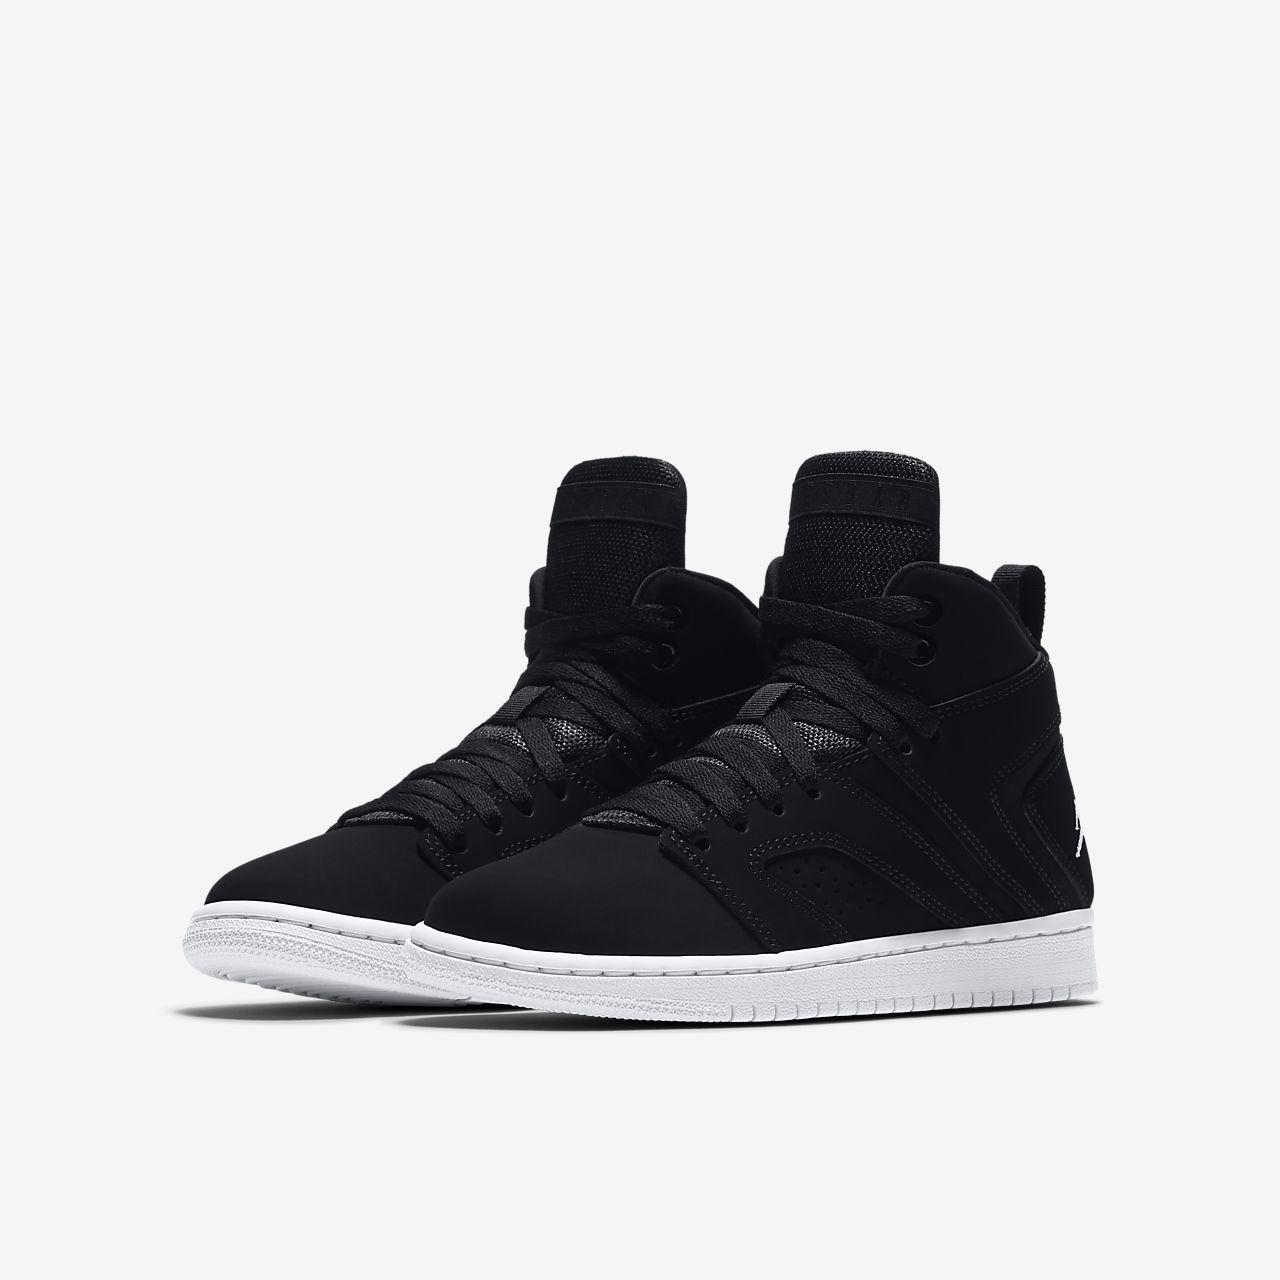 FLIGHT LEGEND Nike Jordan 0FSuW7a8b